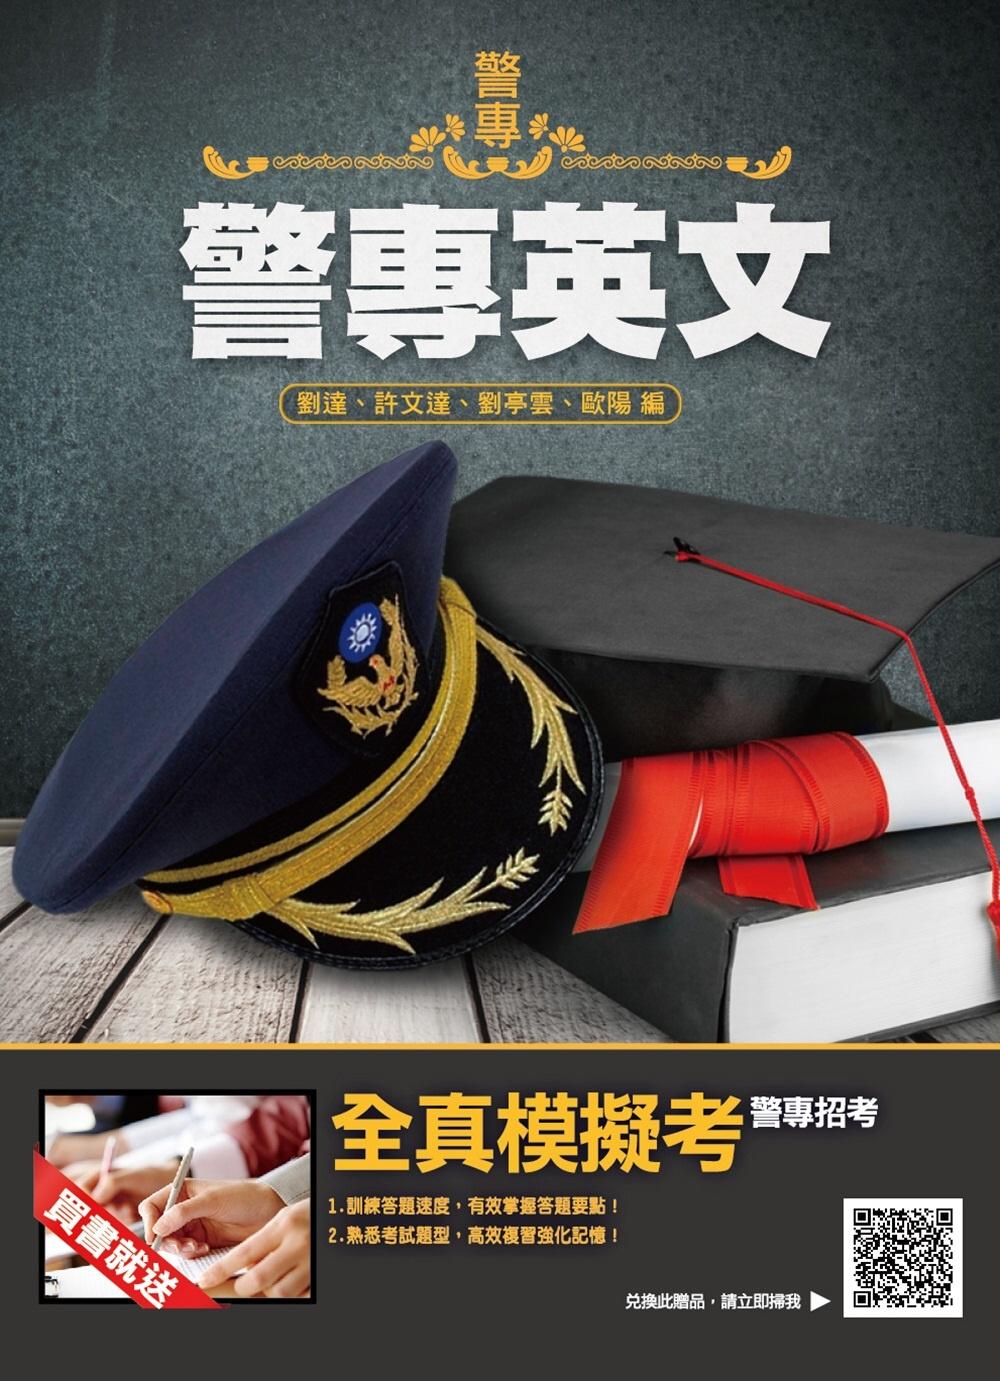 警專英文(警專入學考試適用)(...